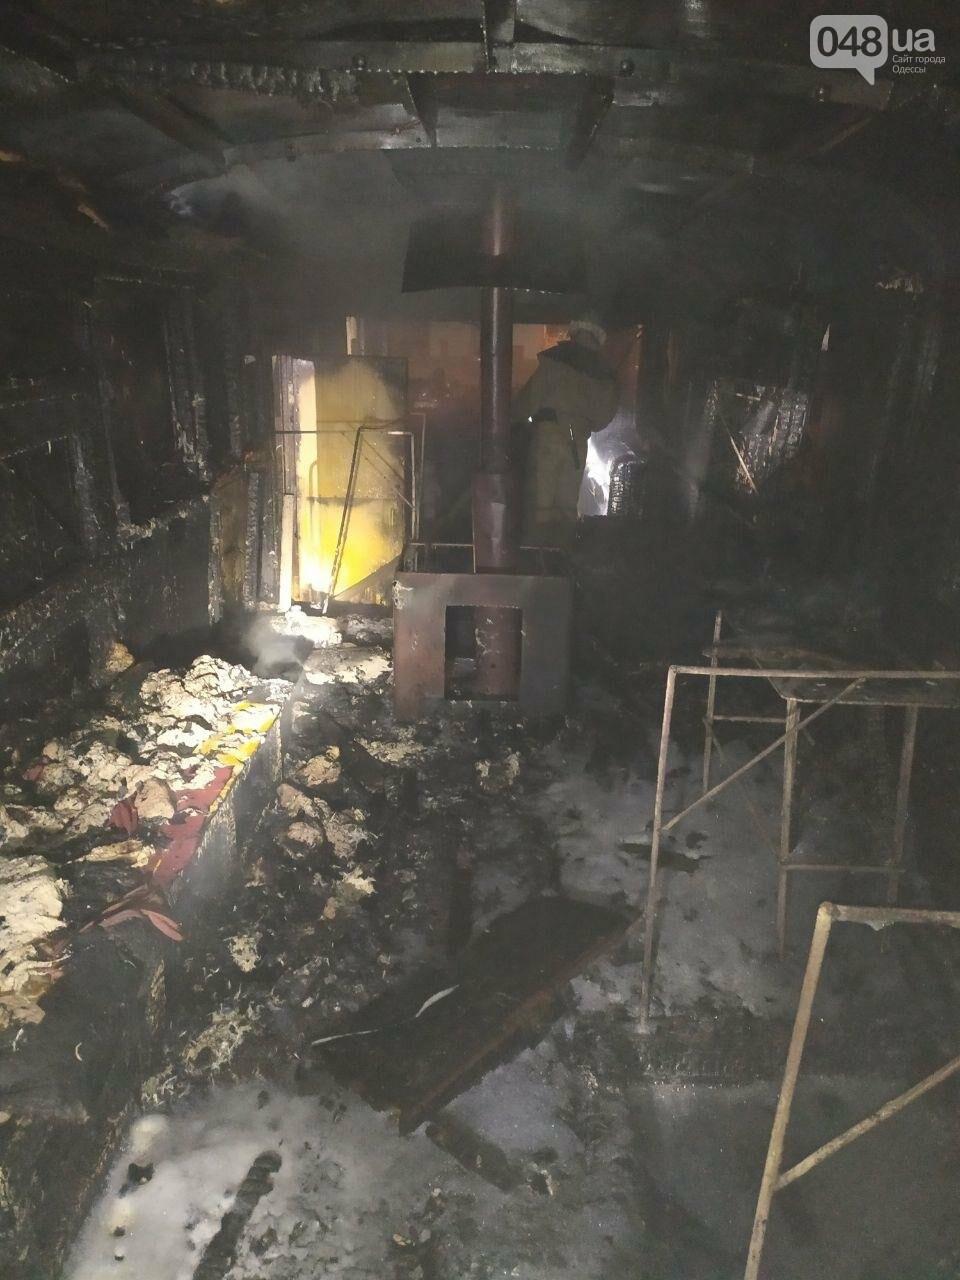 В Одесской области на железной дороге тушили масштабный пожар, - ФОТО3